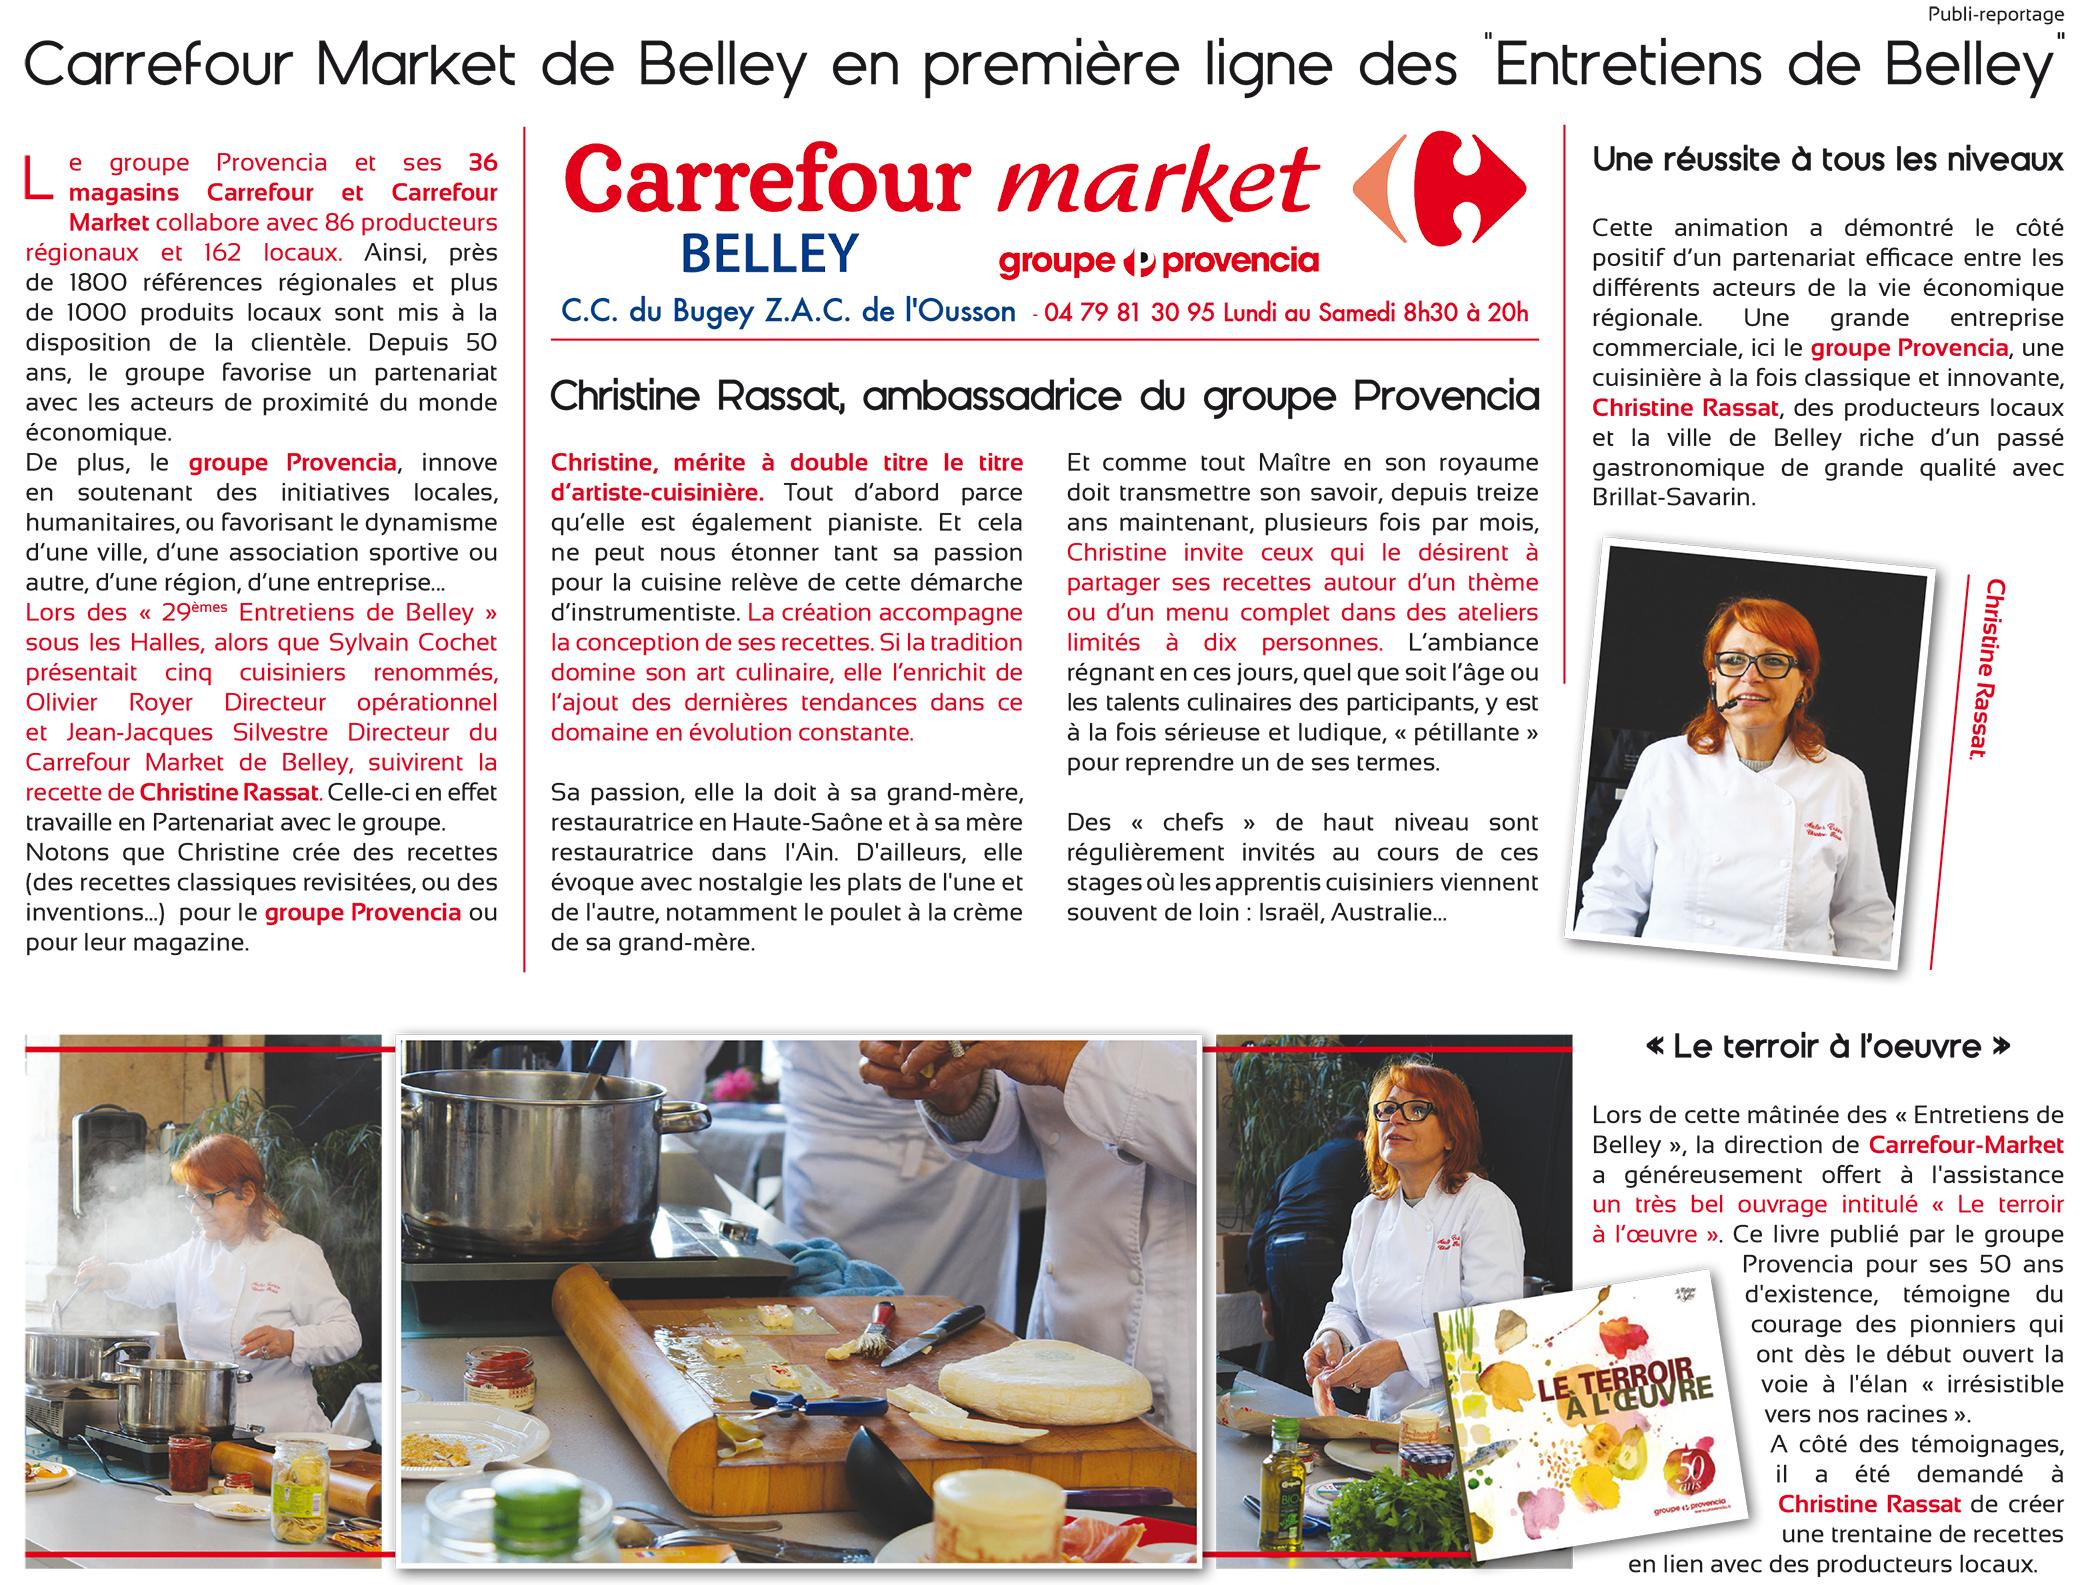 Carrefour Market Belley ballad et vous